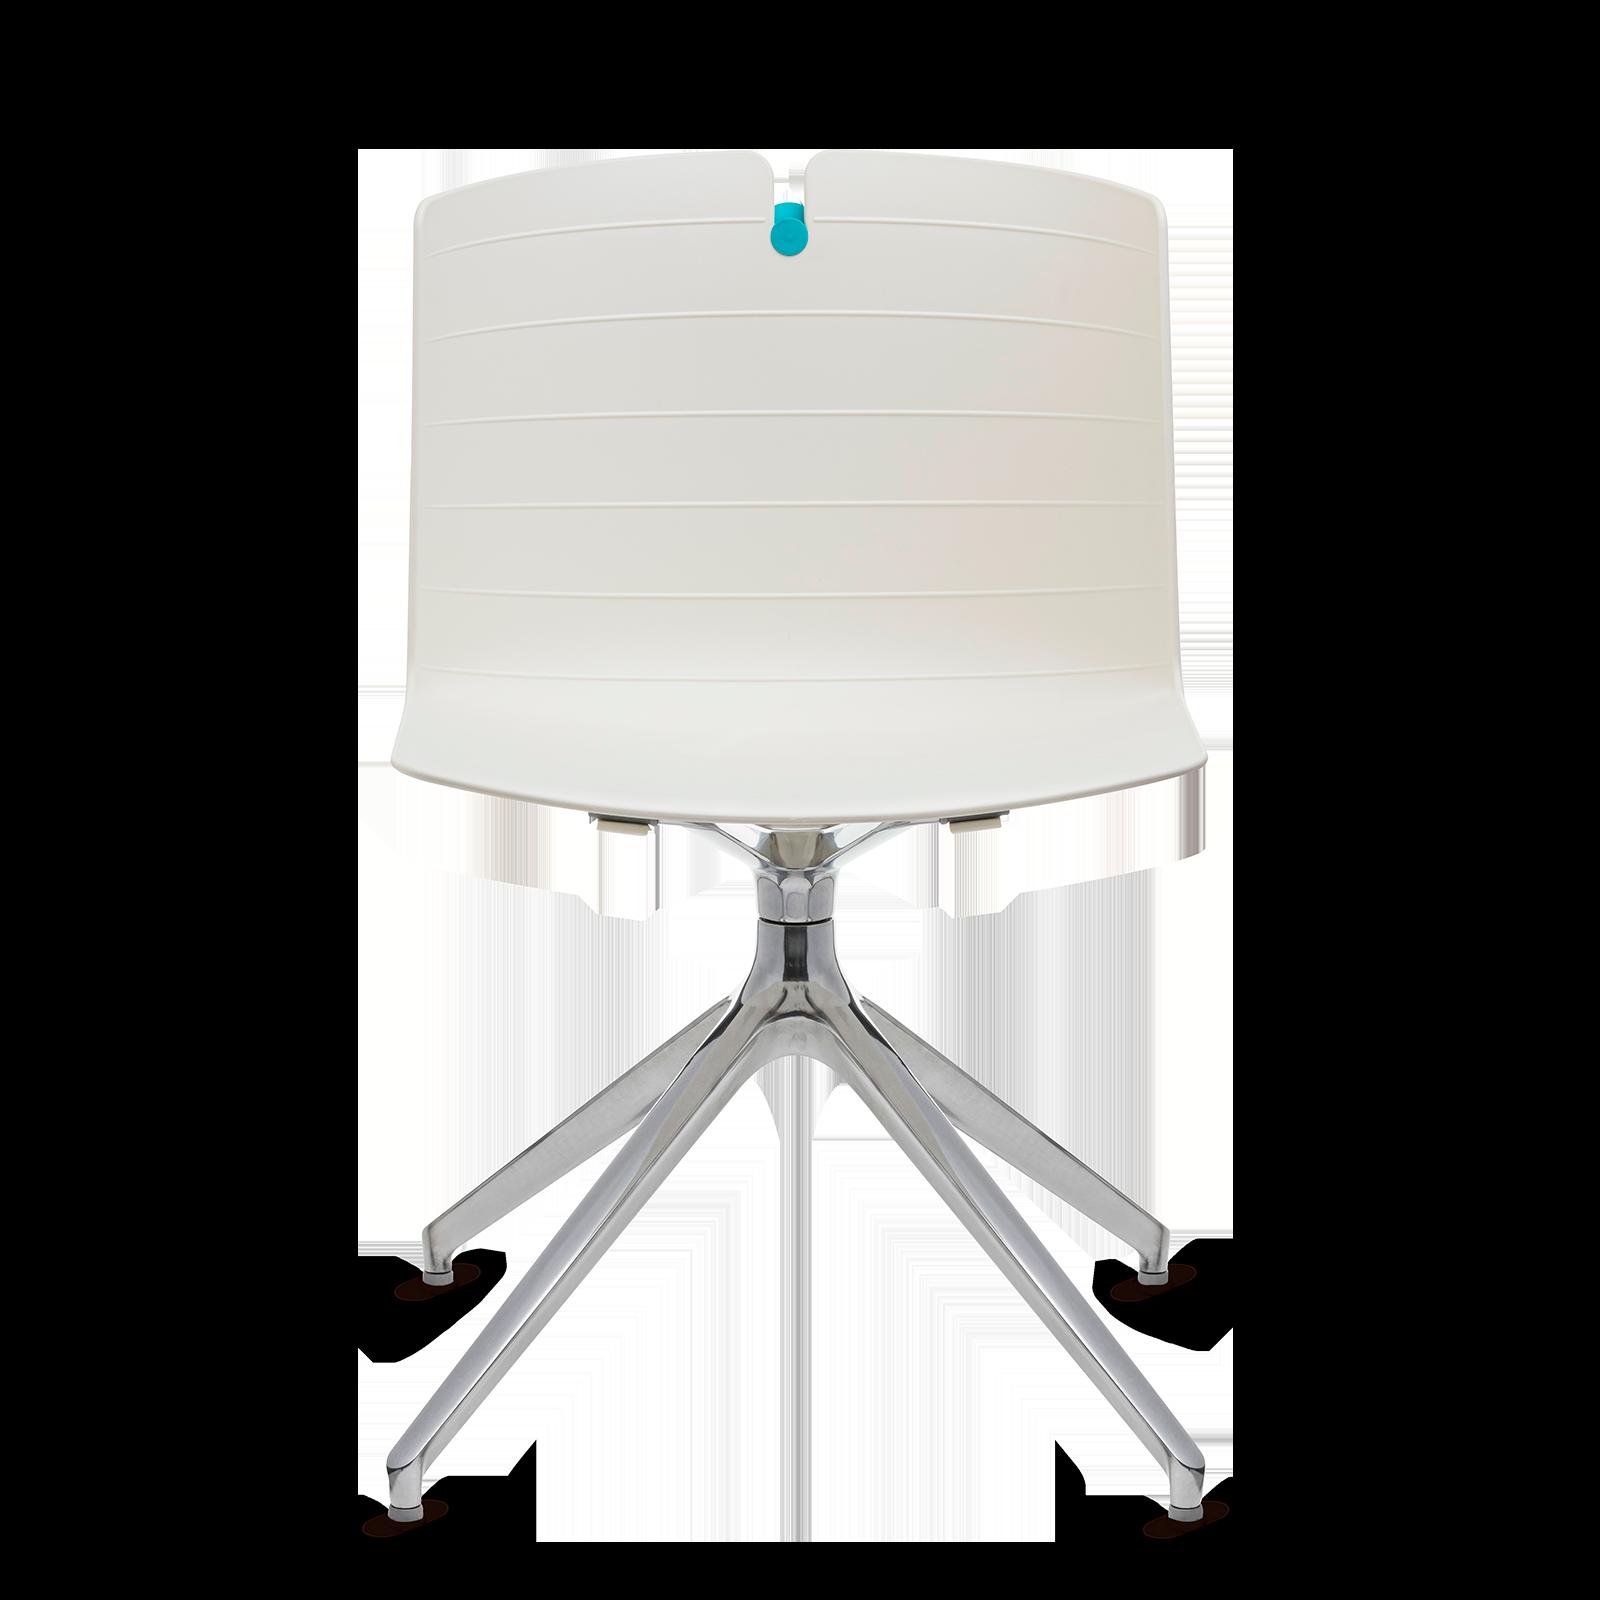 Cadeira Mork White Piramidal